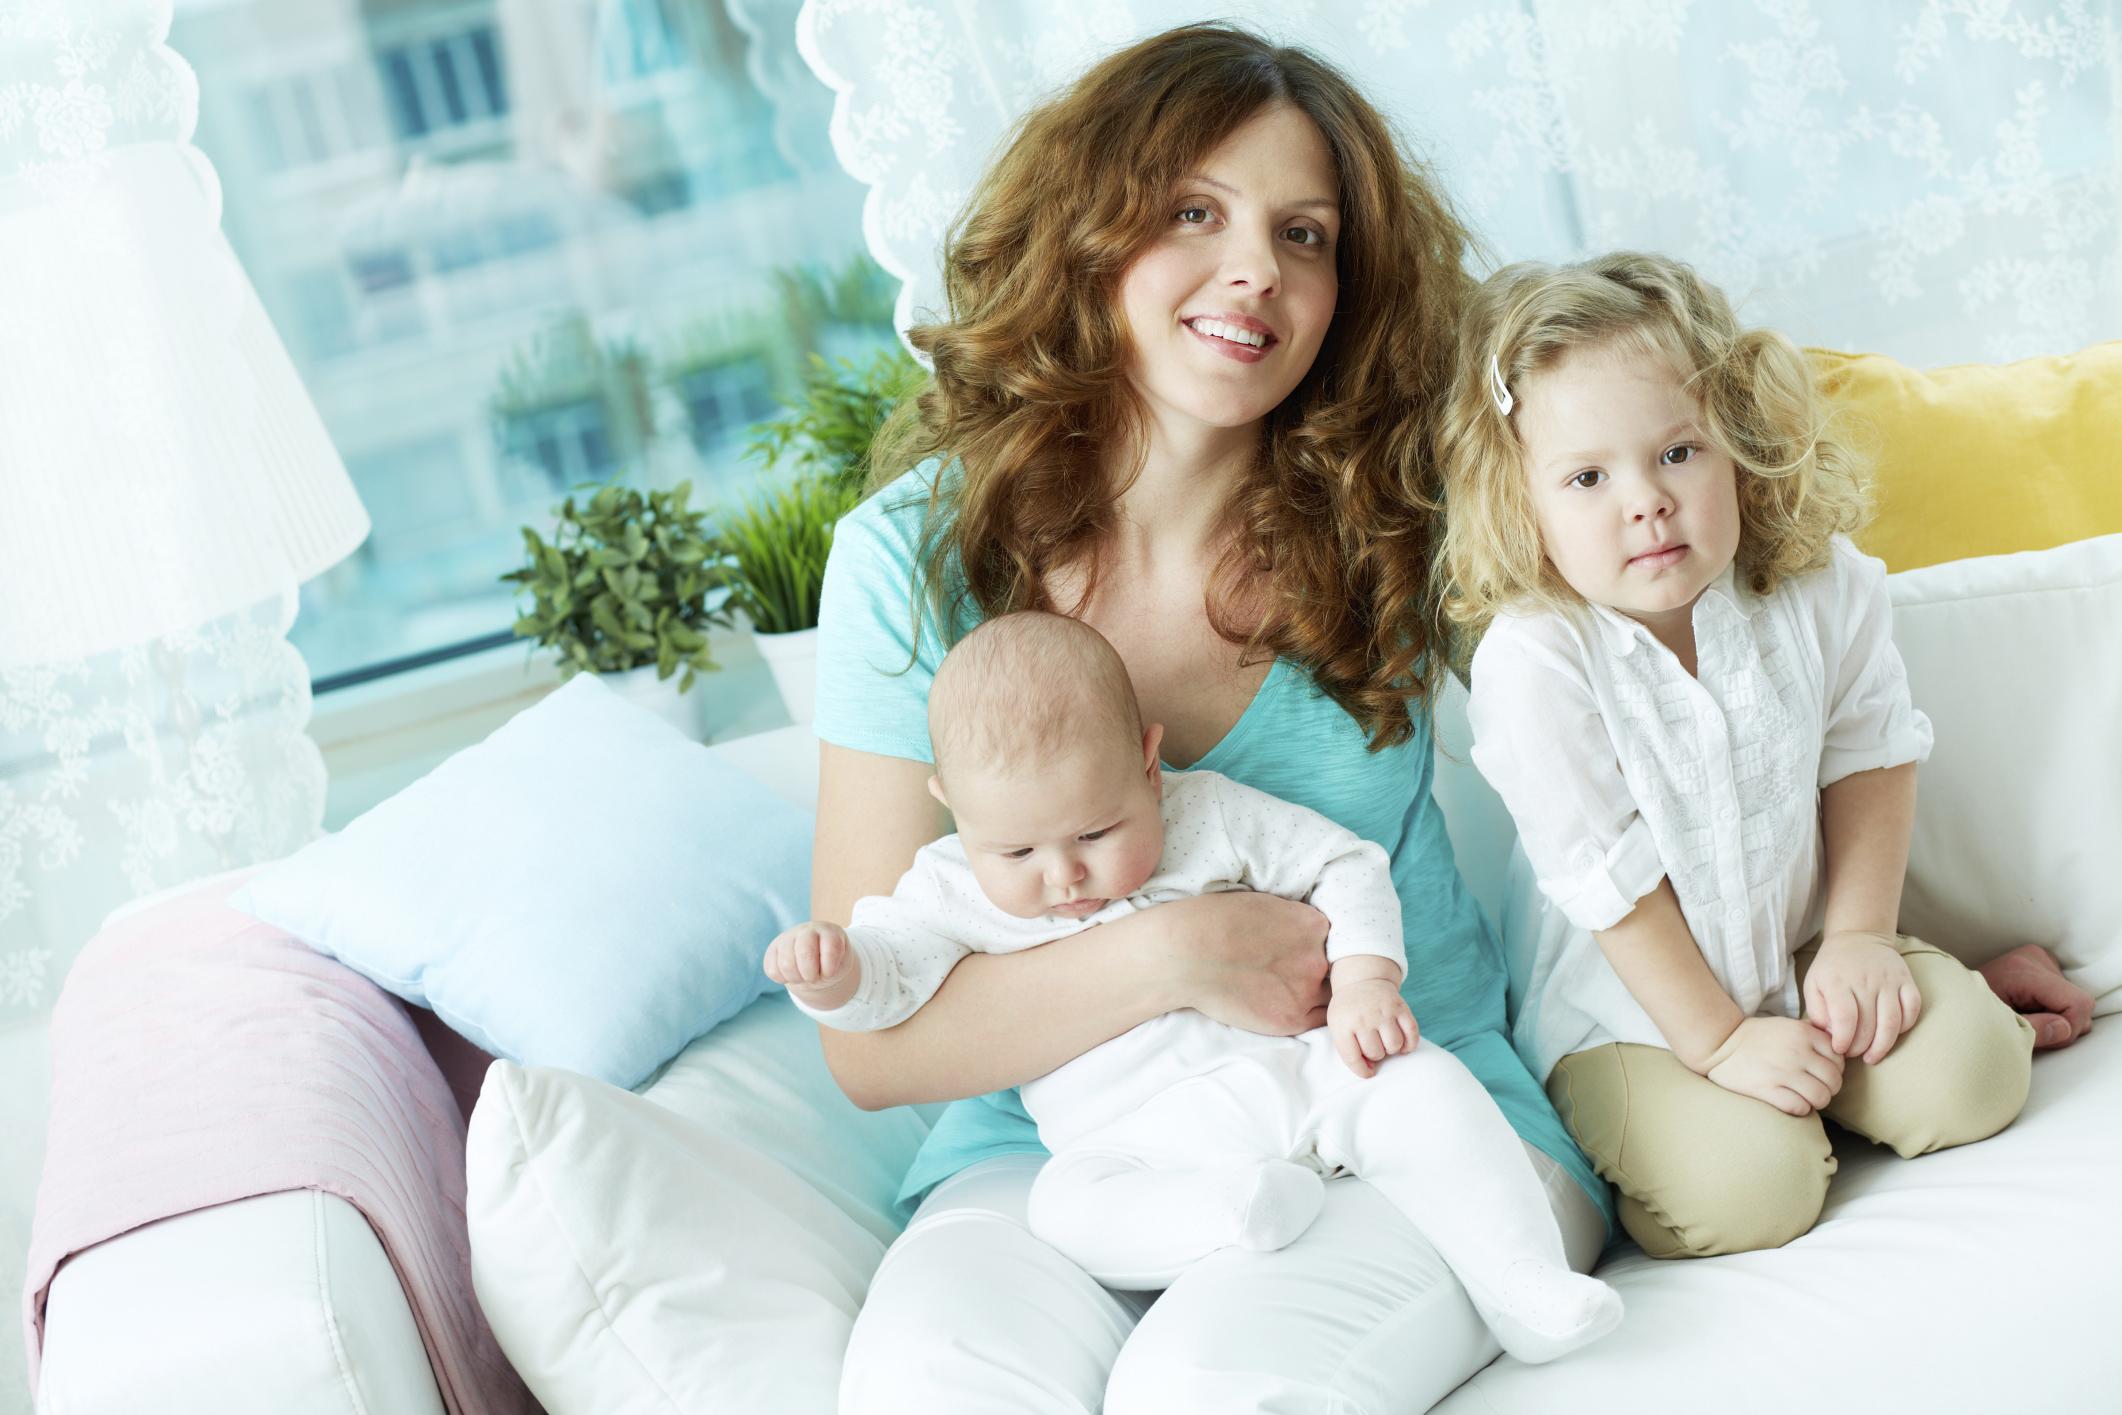 Memiliki Anak Kedua? Tips untuk Mengelola Balita dan Bayi Baru